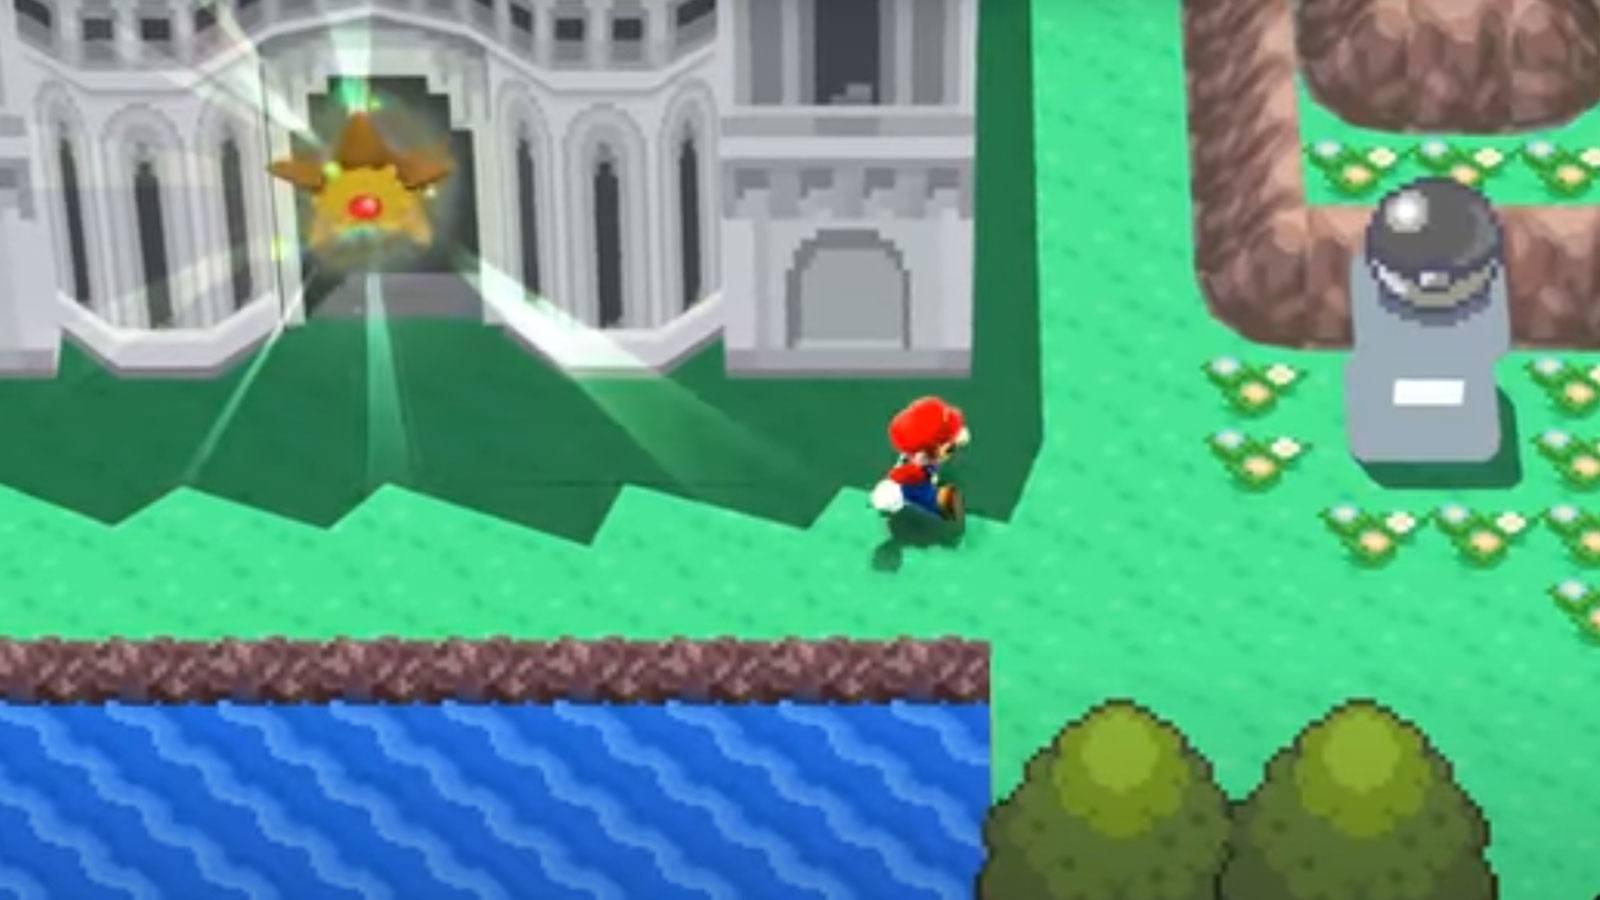 RiazorMC Pokémon Diamant Perle Super Mario Galaxy